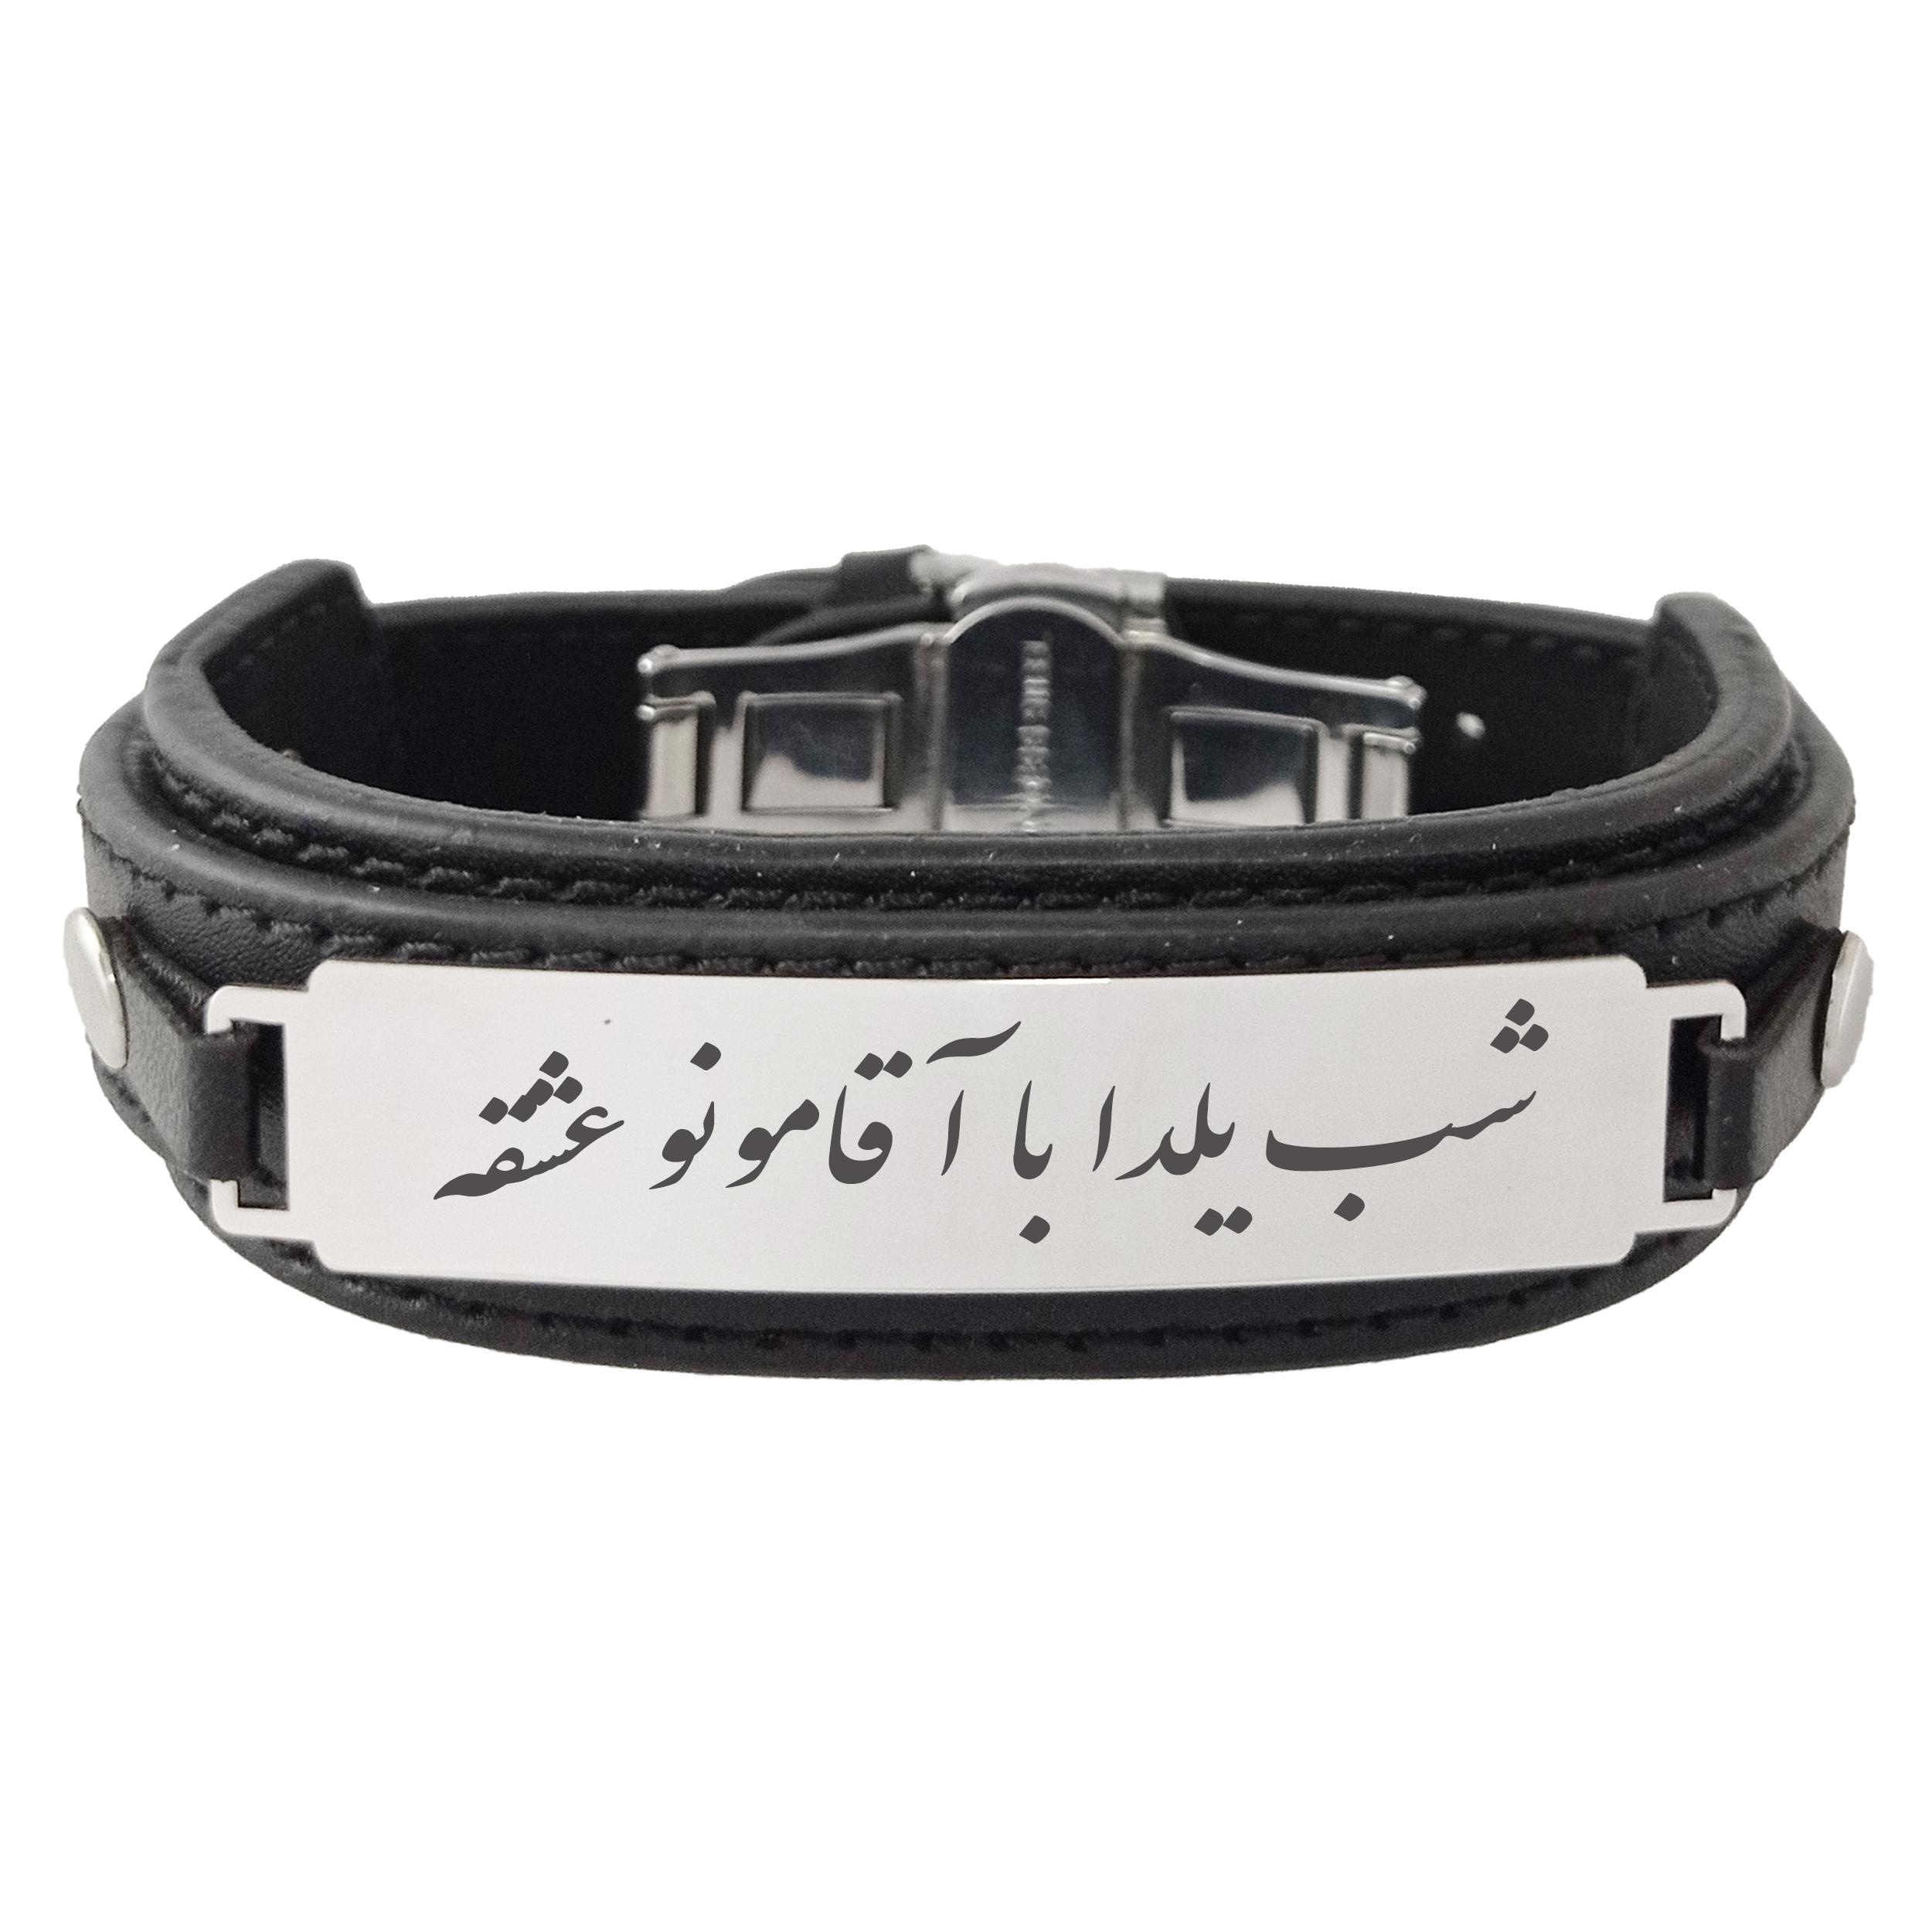 دستبند ترمه ۱ مدل شب یلدا کد Sam 1817